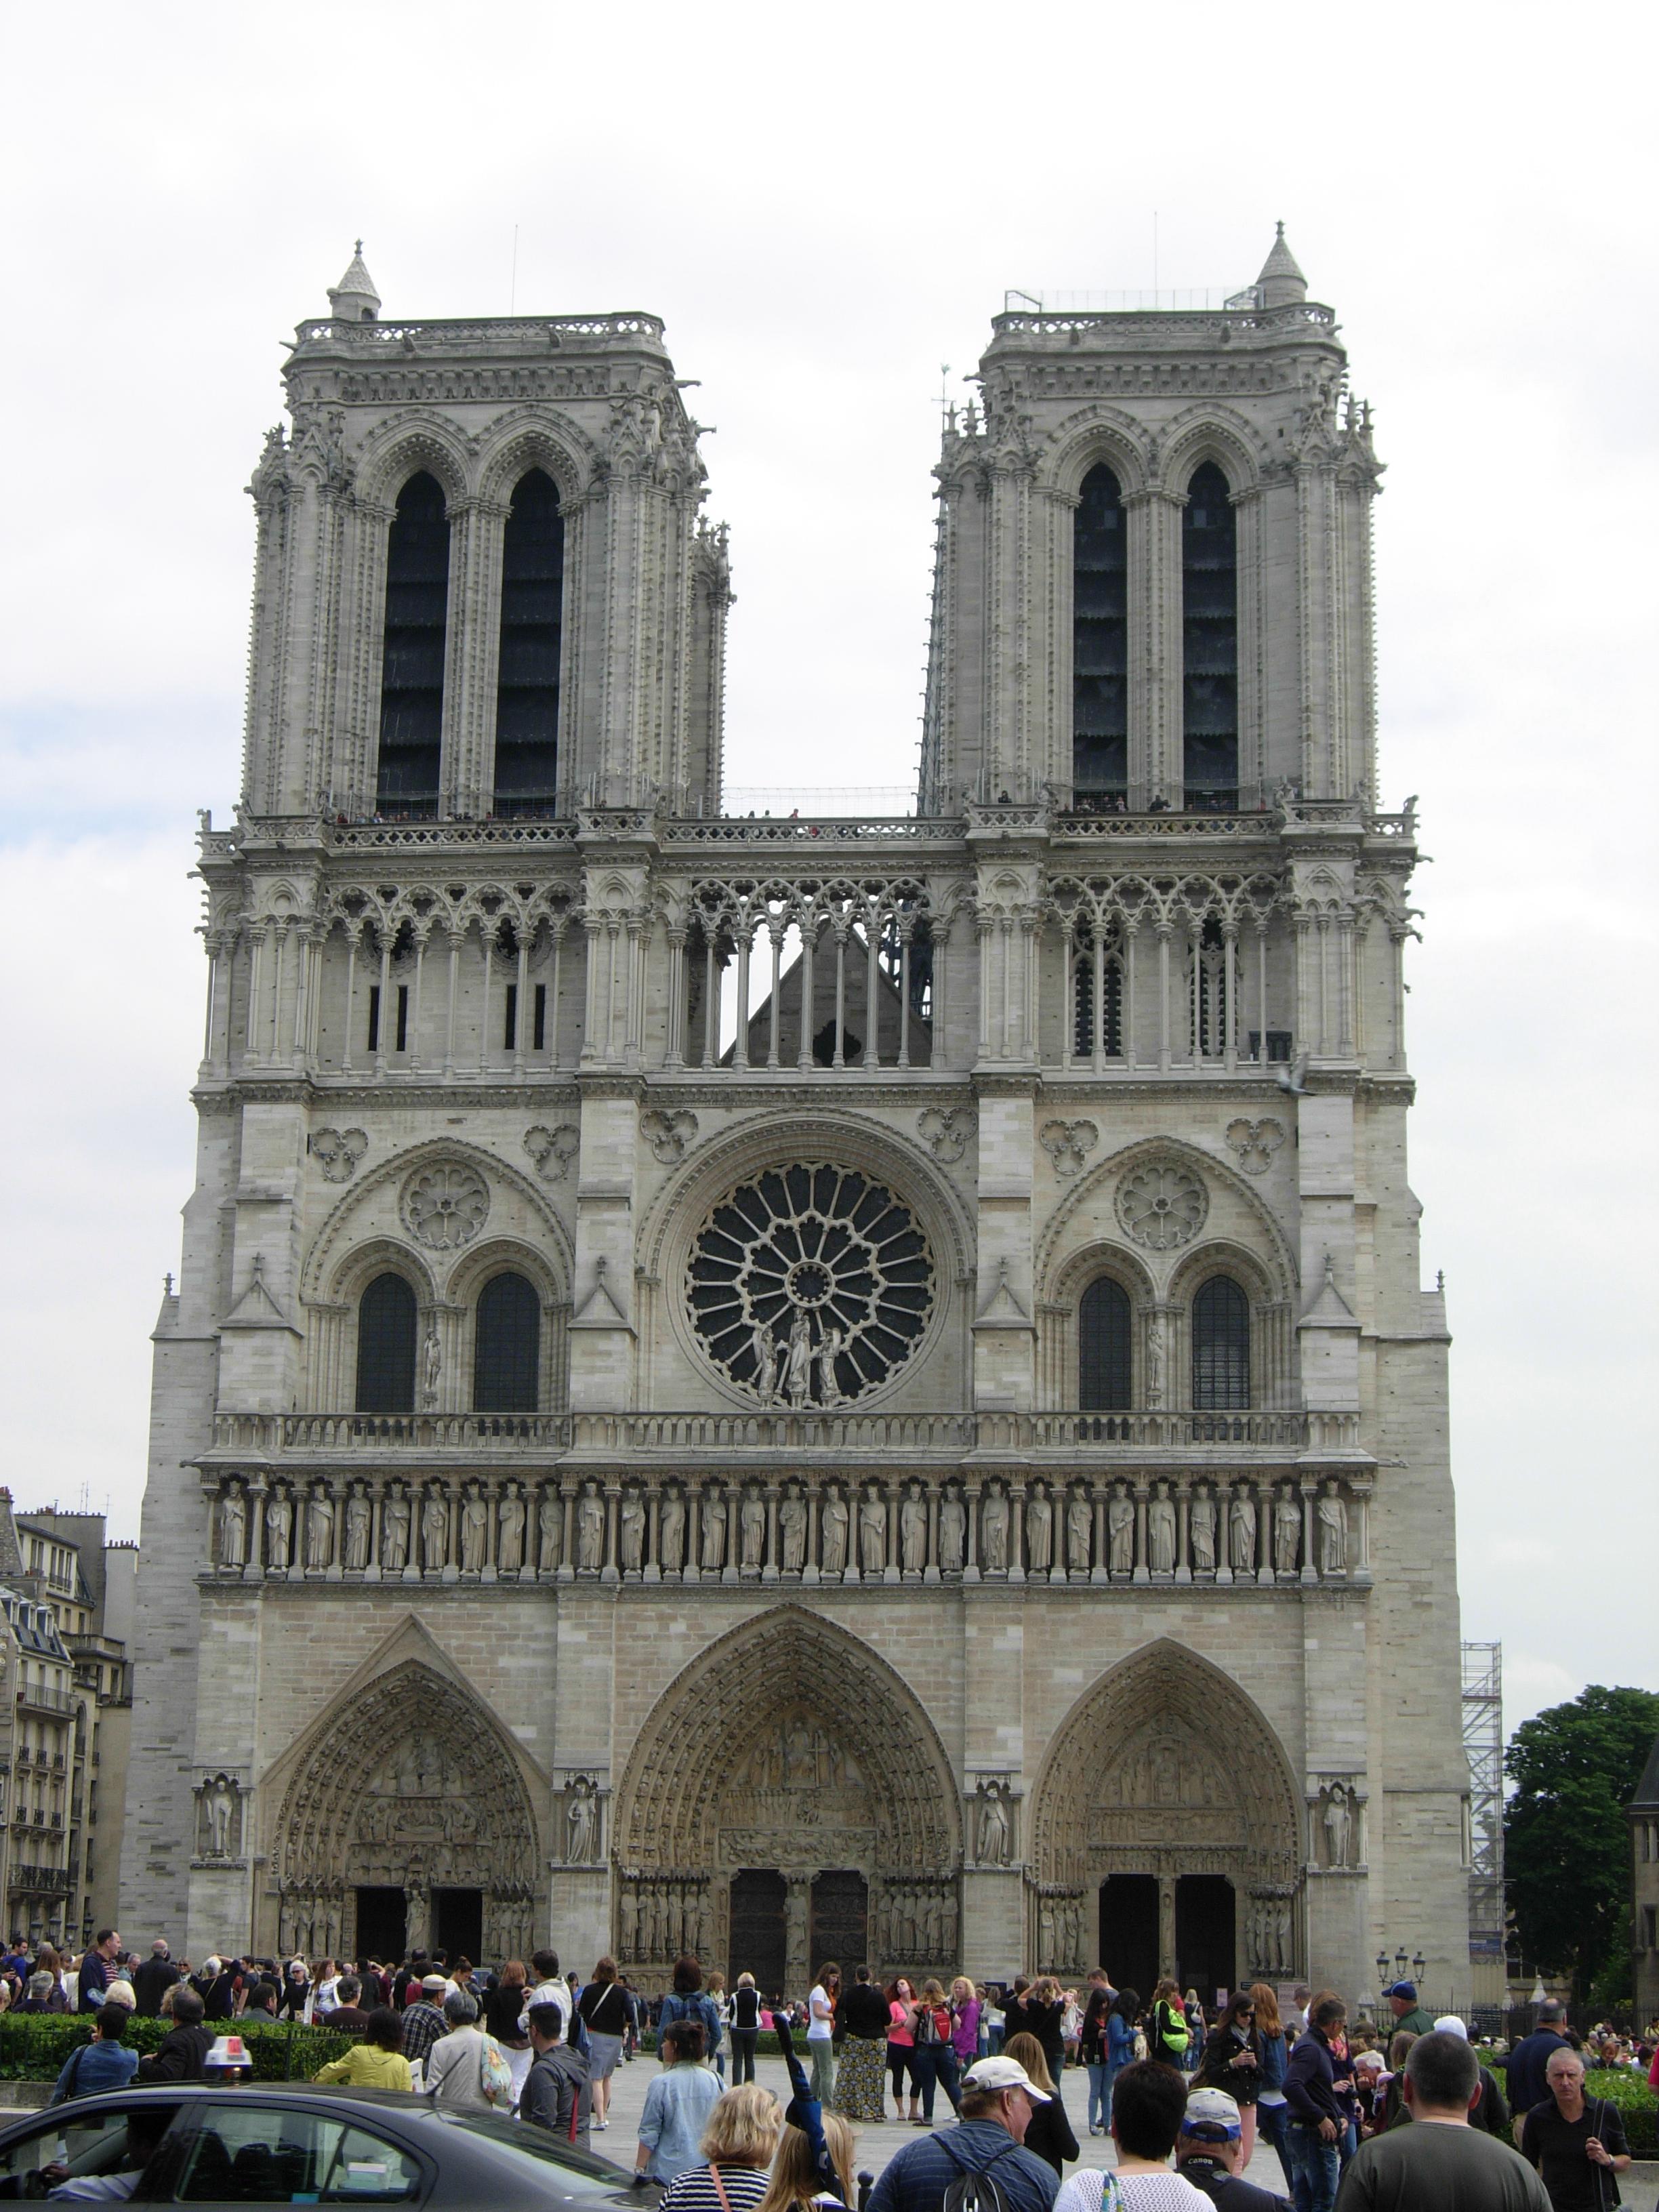 文化巴黎的魅力——卢浮宫、凯旋门……_图1-12